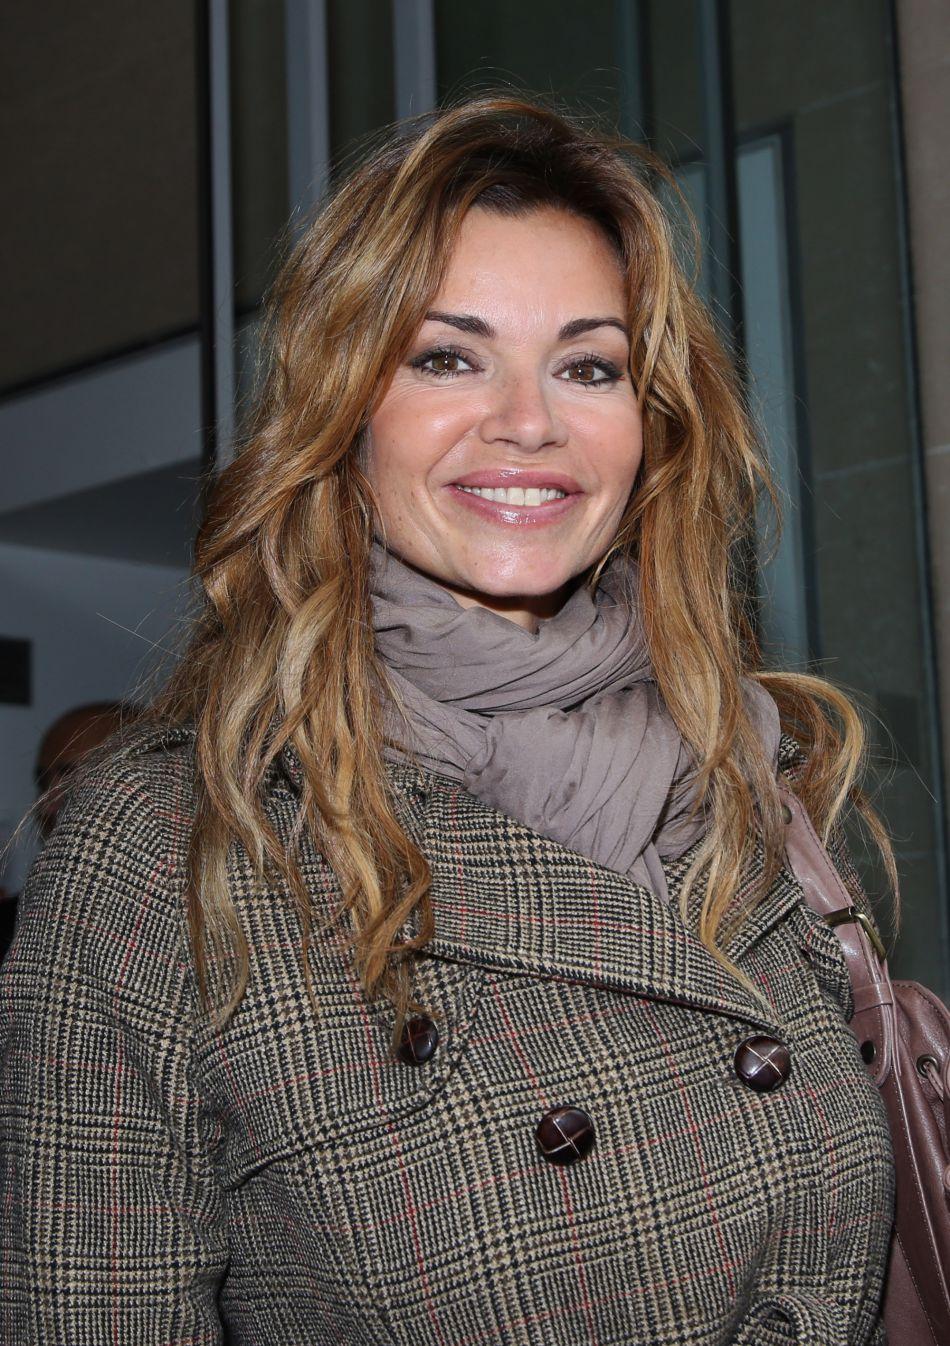 Ingrid Chauvin, maman comblée du petit Tom : elle s'adresse à ses fans sur les réseaux sociaux.